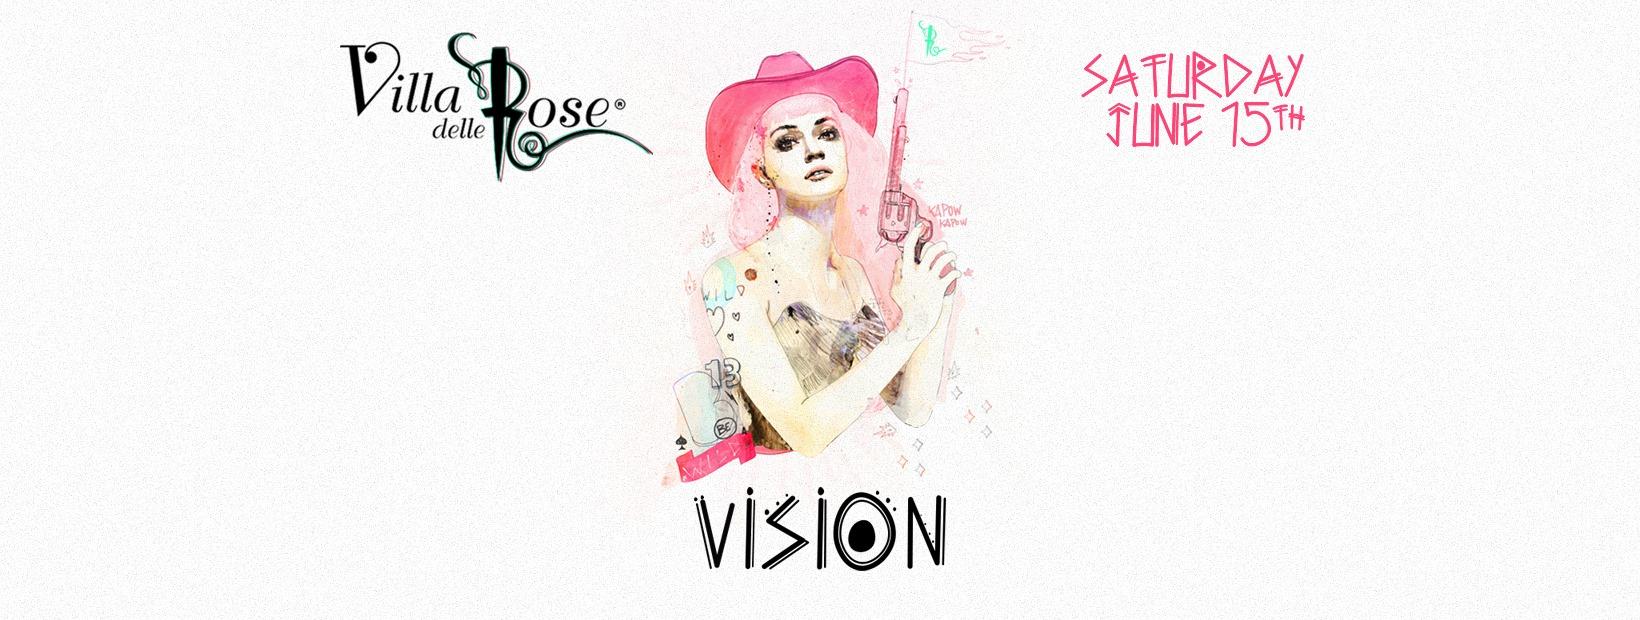 villa delle rose vision